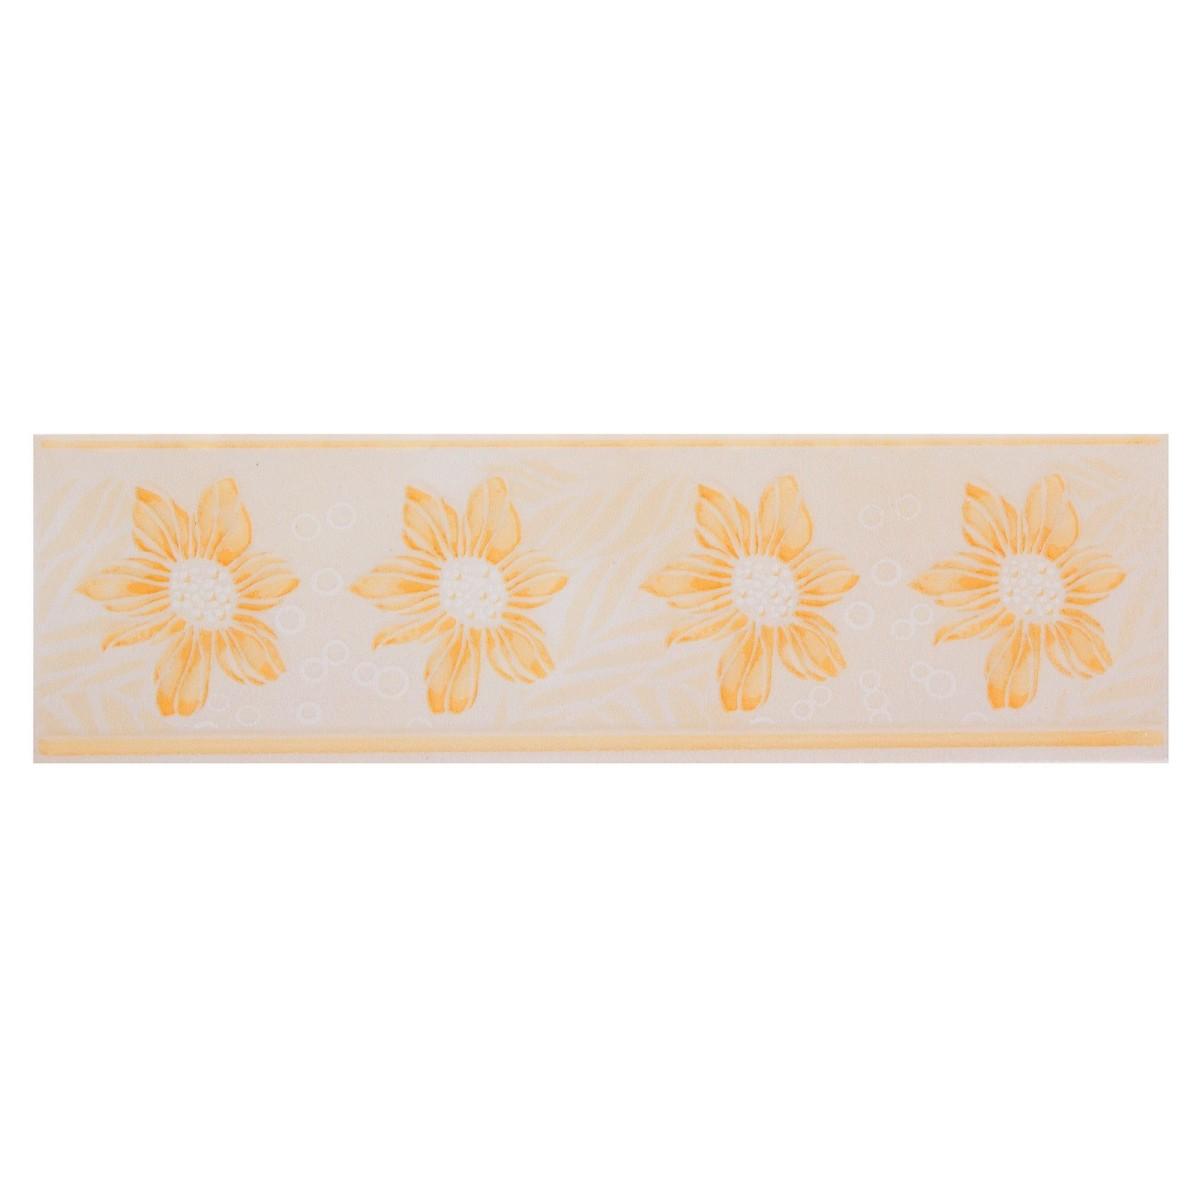 Декор «Валентино Георгин» 5.7х20 см цвет песочный